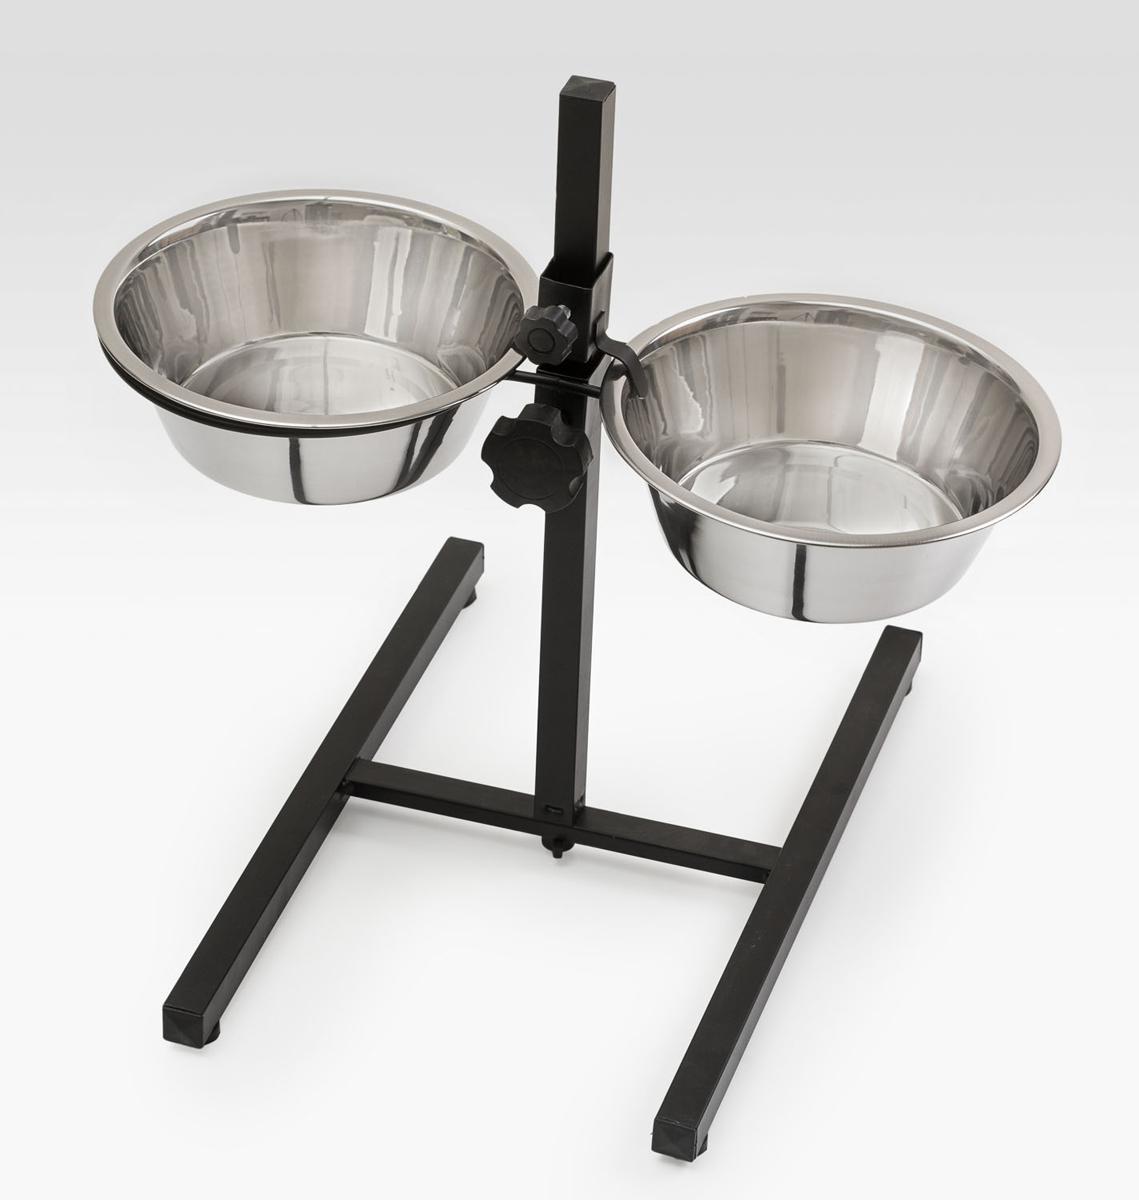 Миска для собак VM Double Diner, двойная, с телескопической подставкой, 2 х 0,75 л3165Двойная миска VM Double Diner - это функциональныйаксессуар для собак. Изделия выполнены извысококачественного металла. Разборнаятелескопическая подставка позволяет регулироватьоптимальный уровень миски по росту питомца,способствуя правильному развитию скелета, осанки иулучшению пищеварения. Миски легко моются.Ваш любимец будет доволен! Высота подставки: 27,5 см.